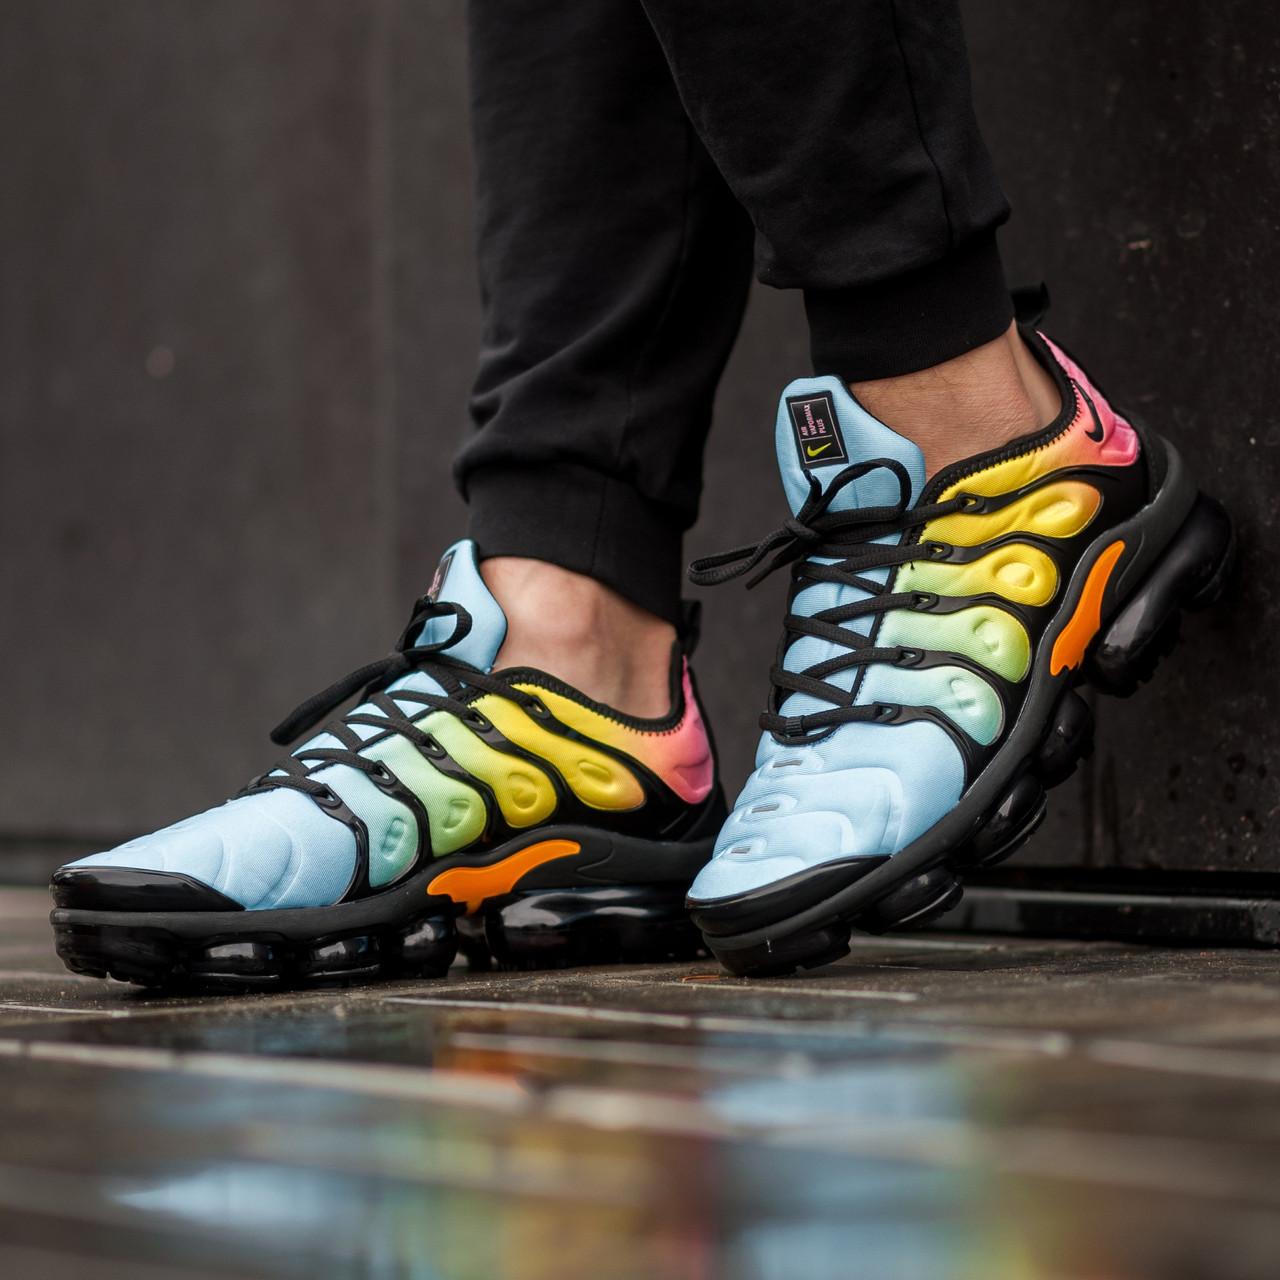 Мужские кроссовки в стиле Nike Air Vapormax Plus color (Реплика ААА+)